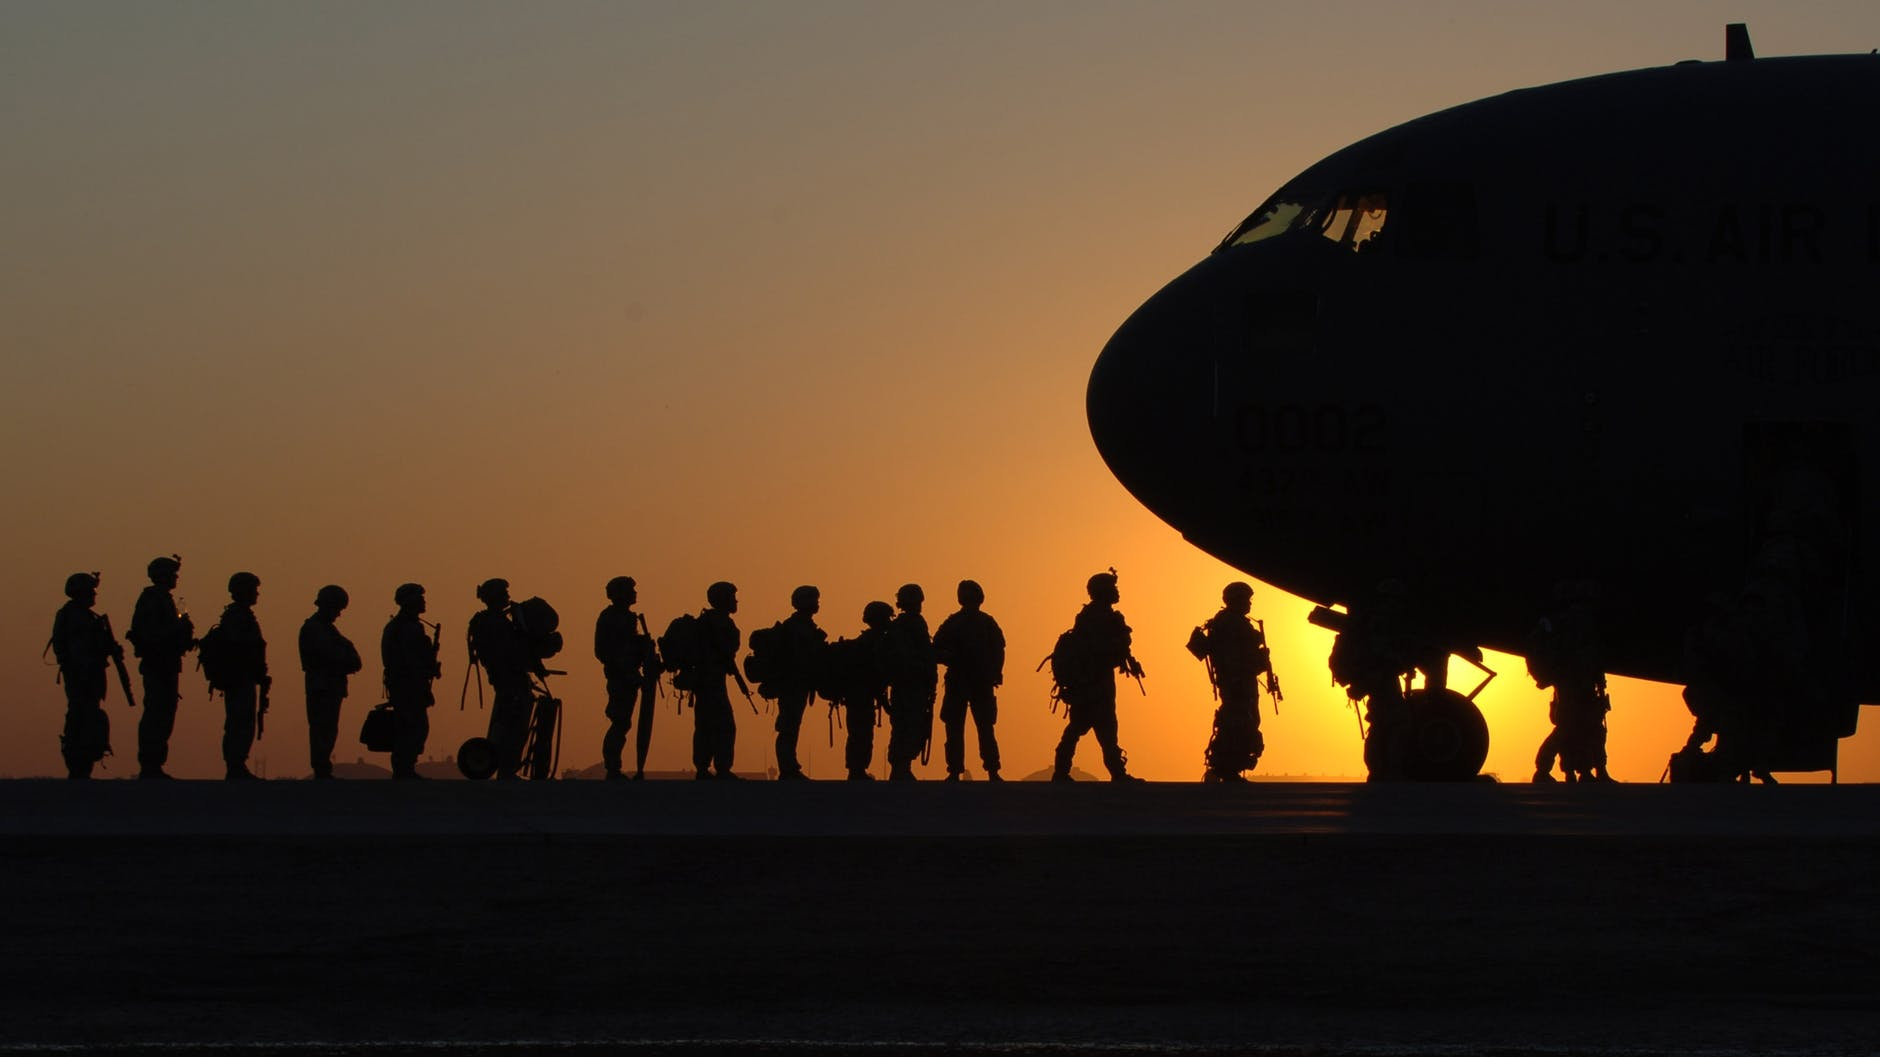 Soldati 365 all'alba